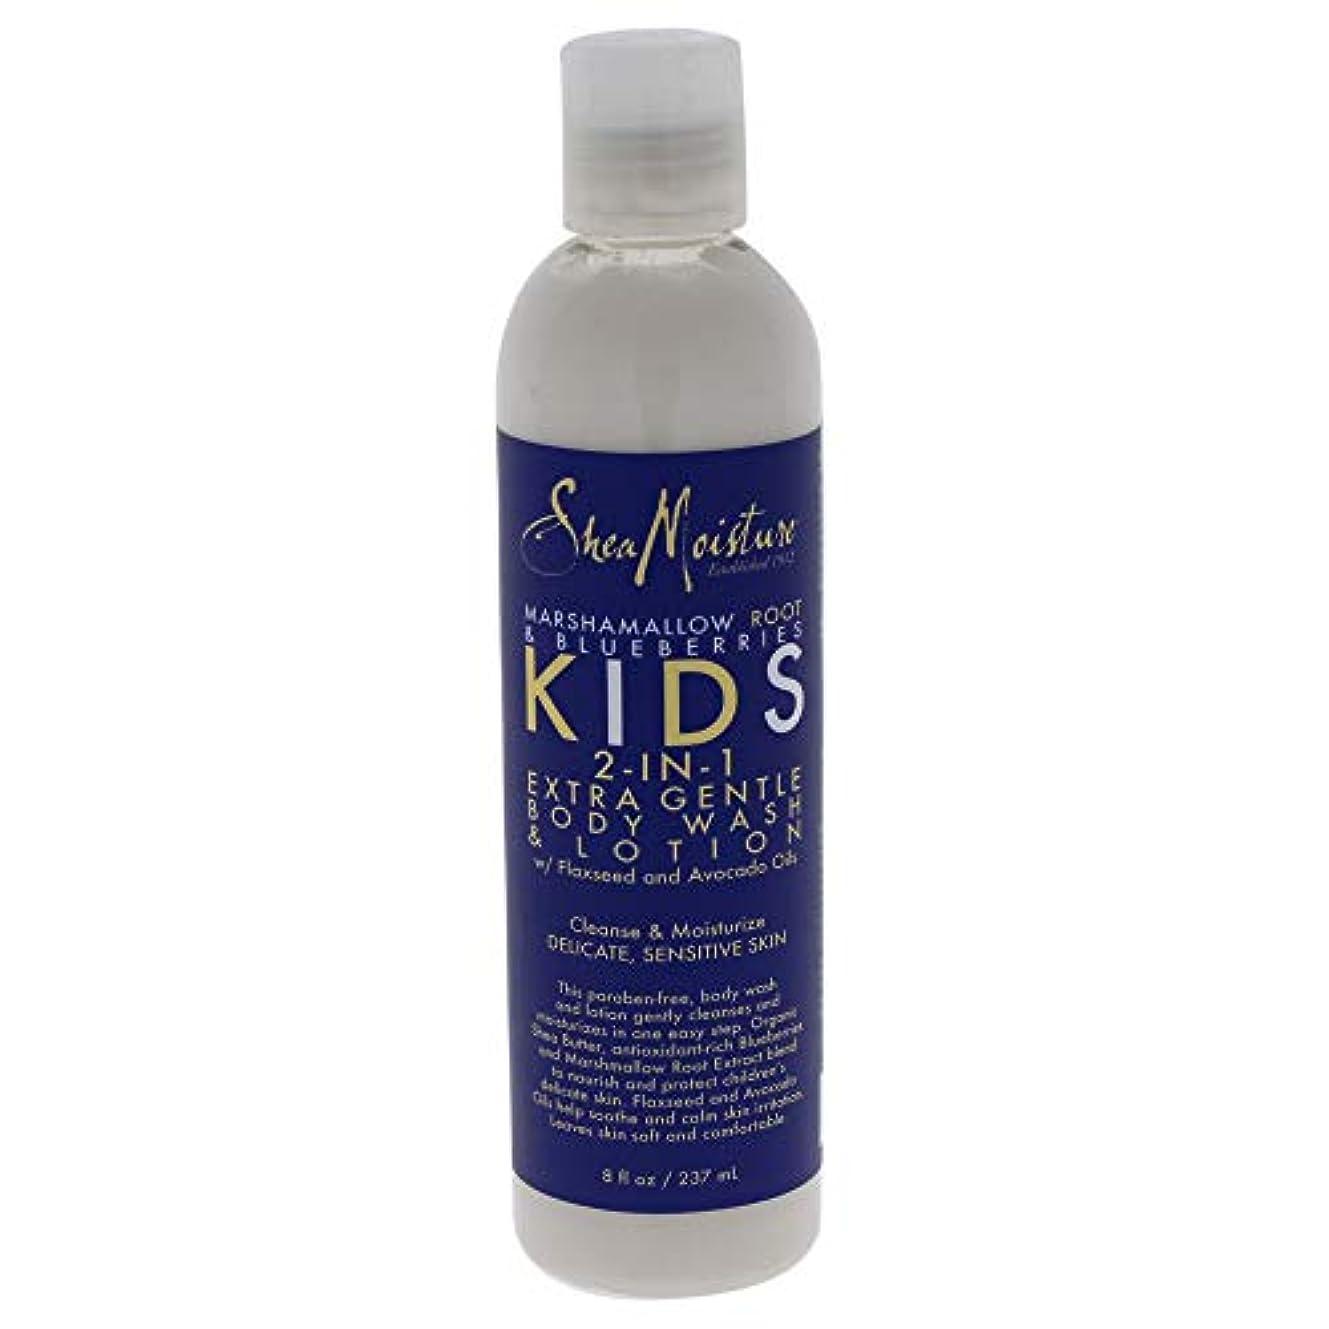 起きろジャンクション哲学博士Marshmallow Root & Blueberries Kids 2-In-1 Extra Gentle Body Wash & Lotion